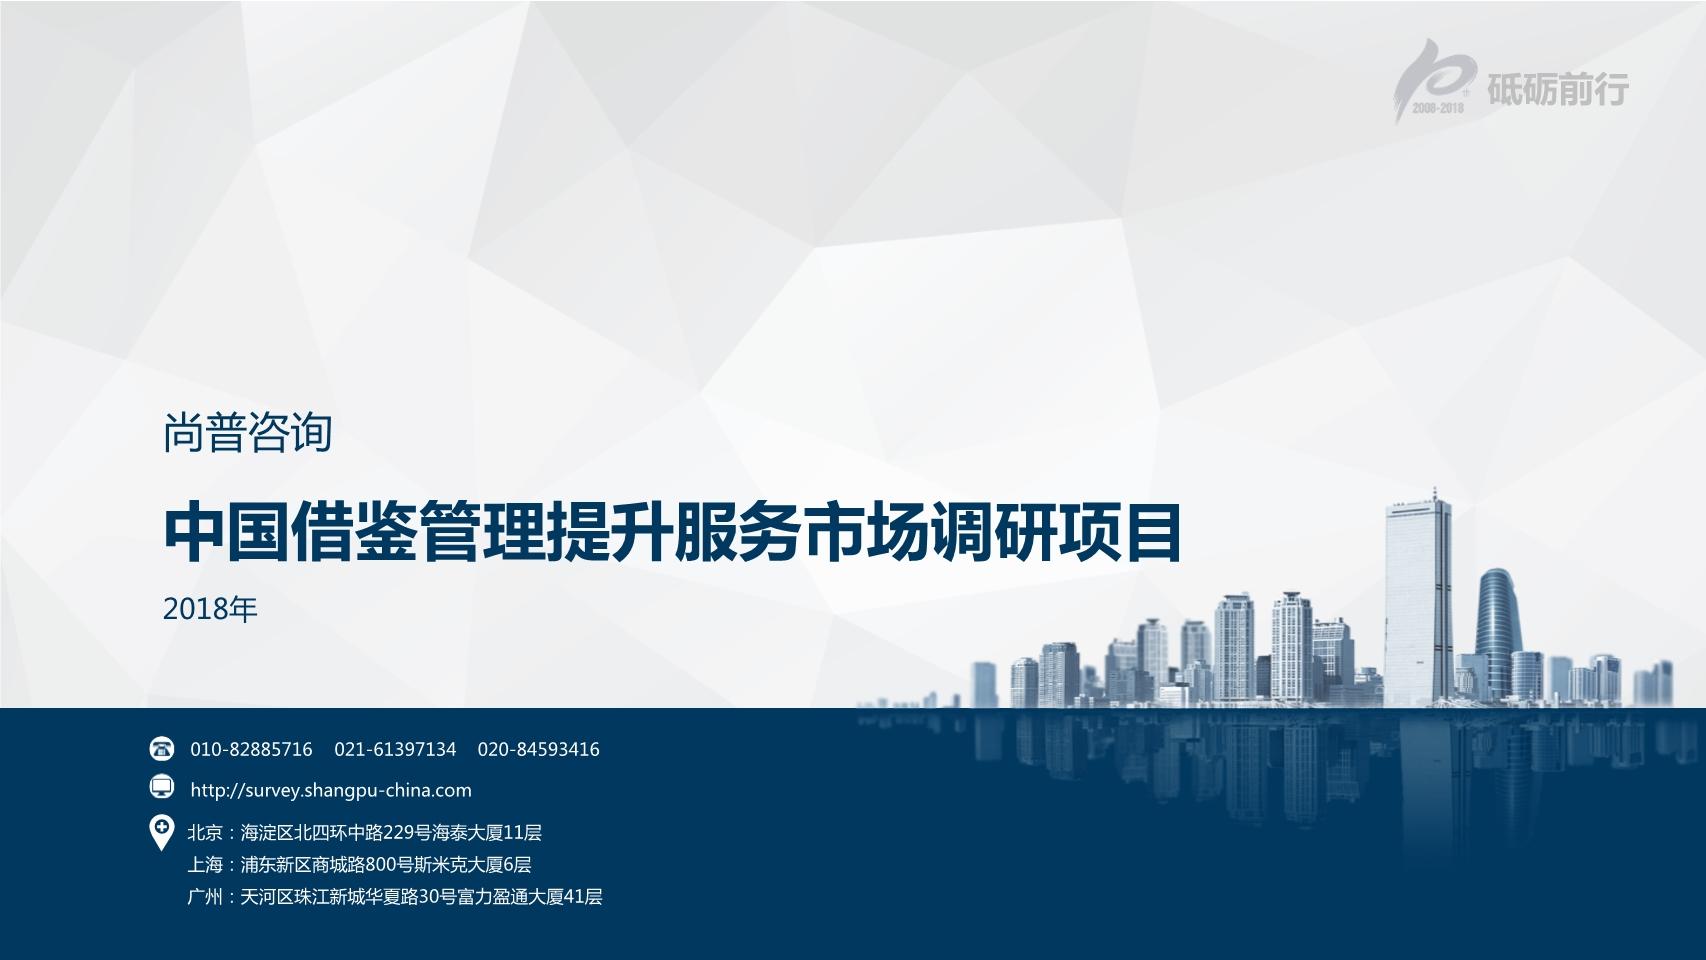 尚普咨询-中国借鉴管理提升服务市场调研项目